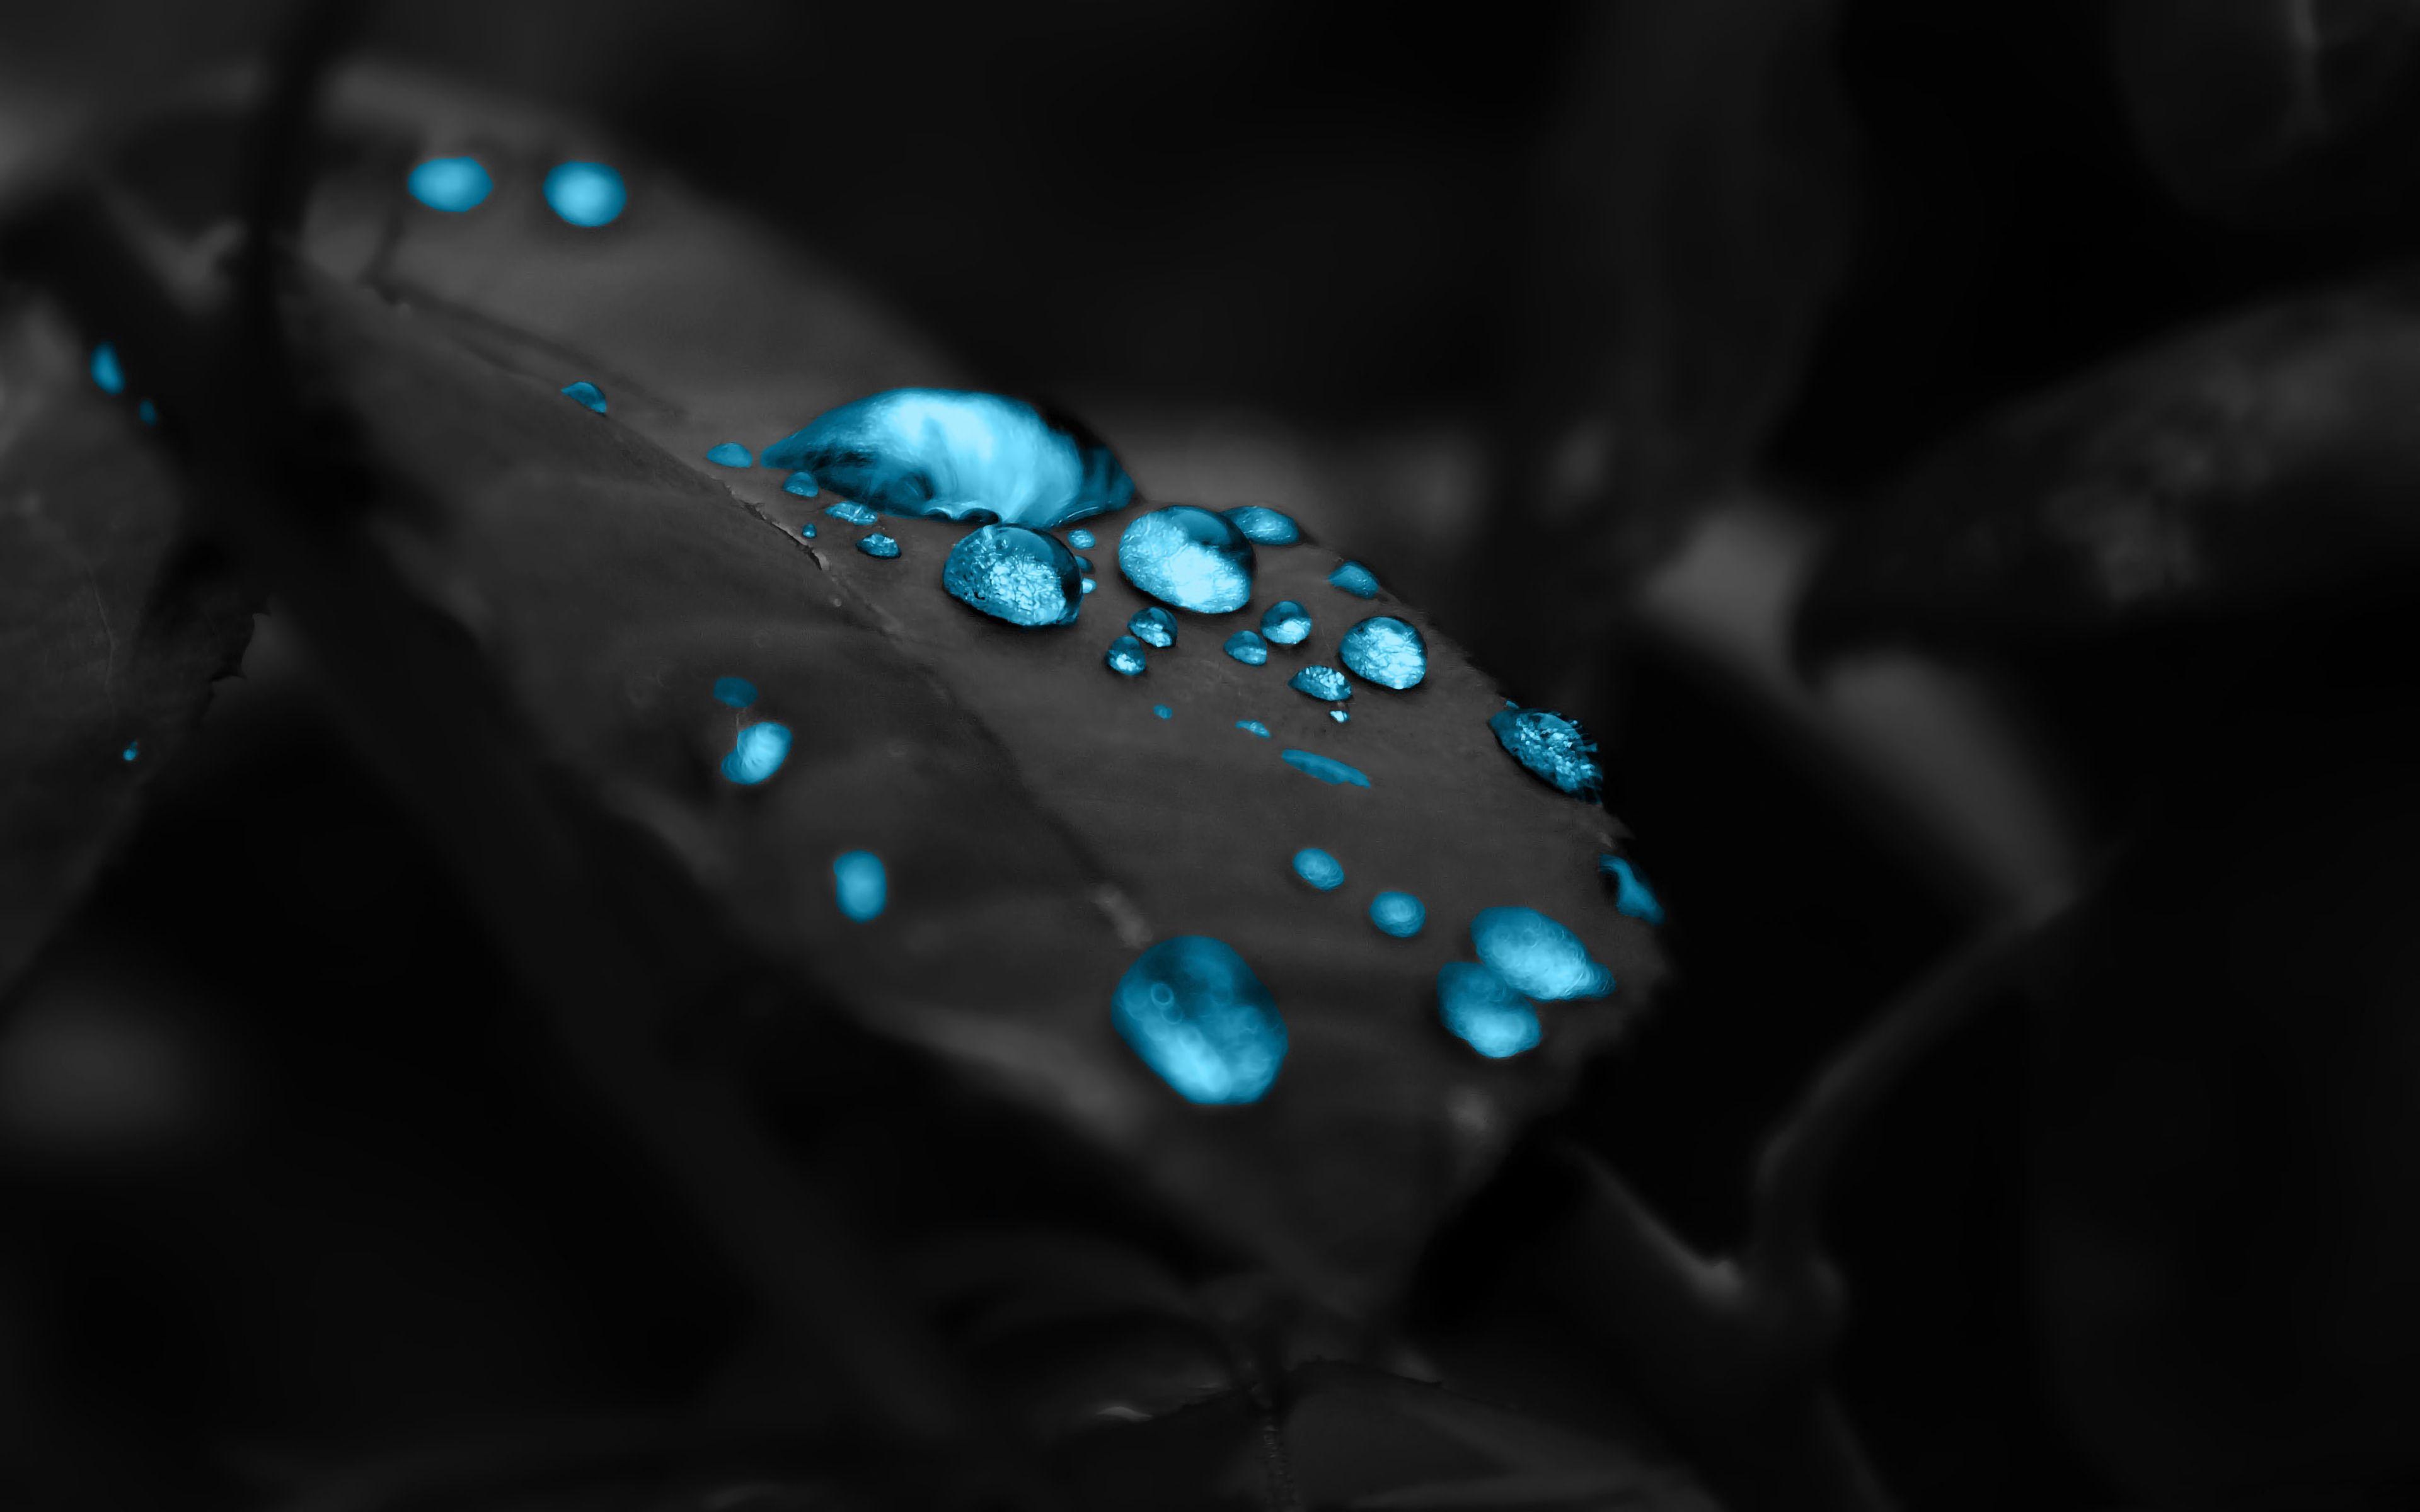 153088 Hintergrundbild herunterladen Drops, Makro, Blatt, Photoshop, Tau - Bildschirmschoner und Bilder kostenlos